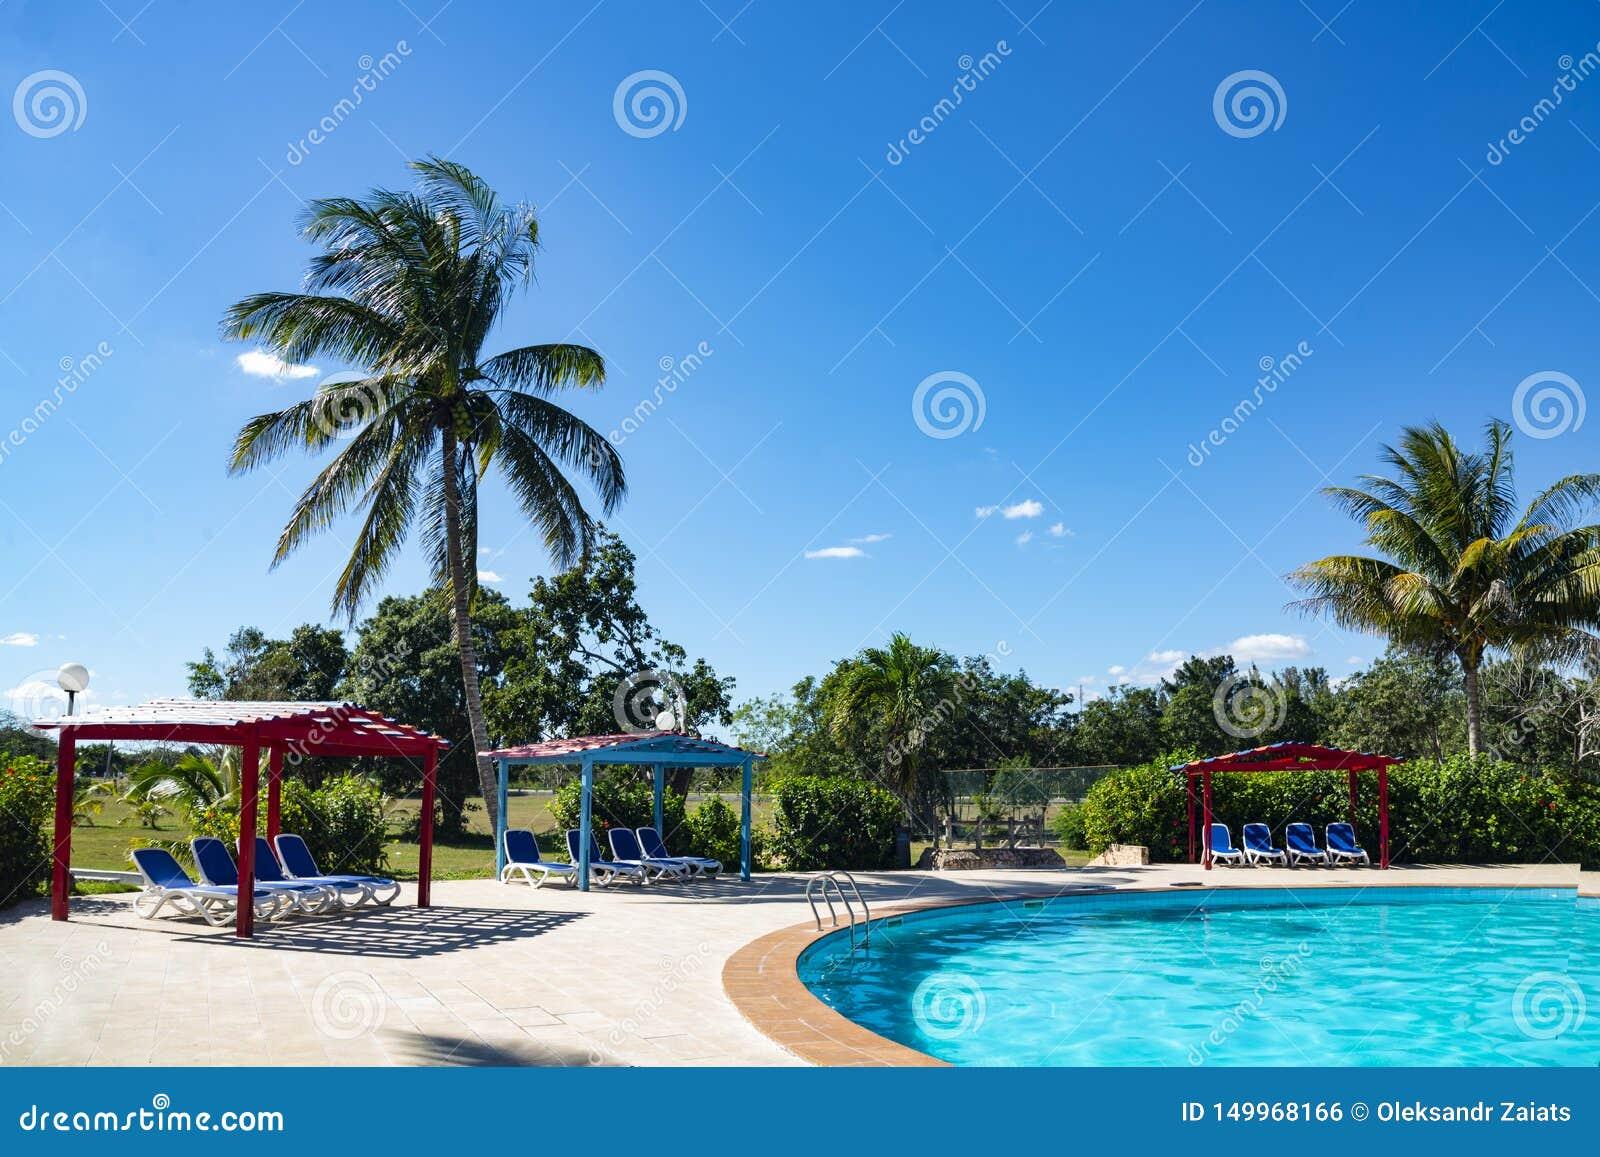 Recurso tropical bonito com piscina, sol-vadios e palmeiras durante um dia ensolarado morno, férias em Cuba